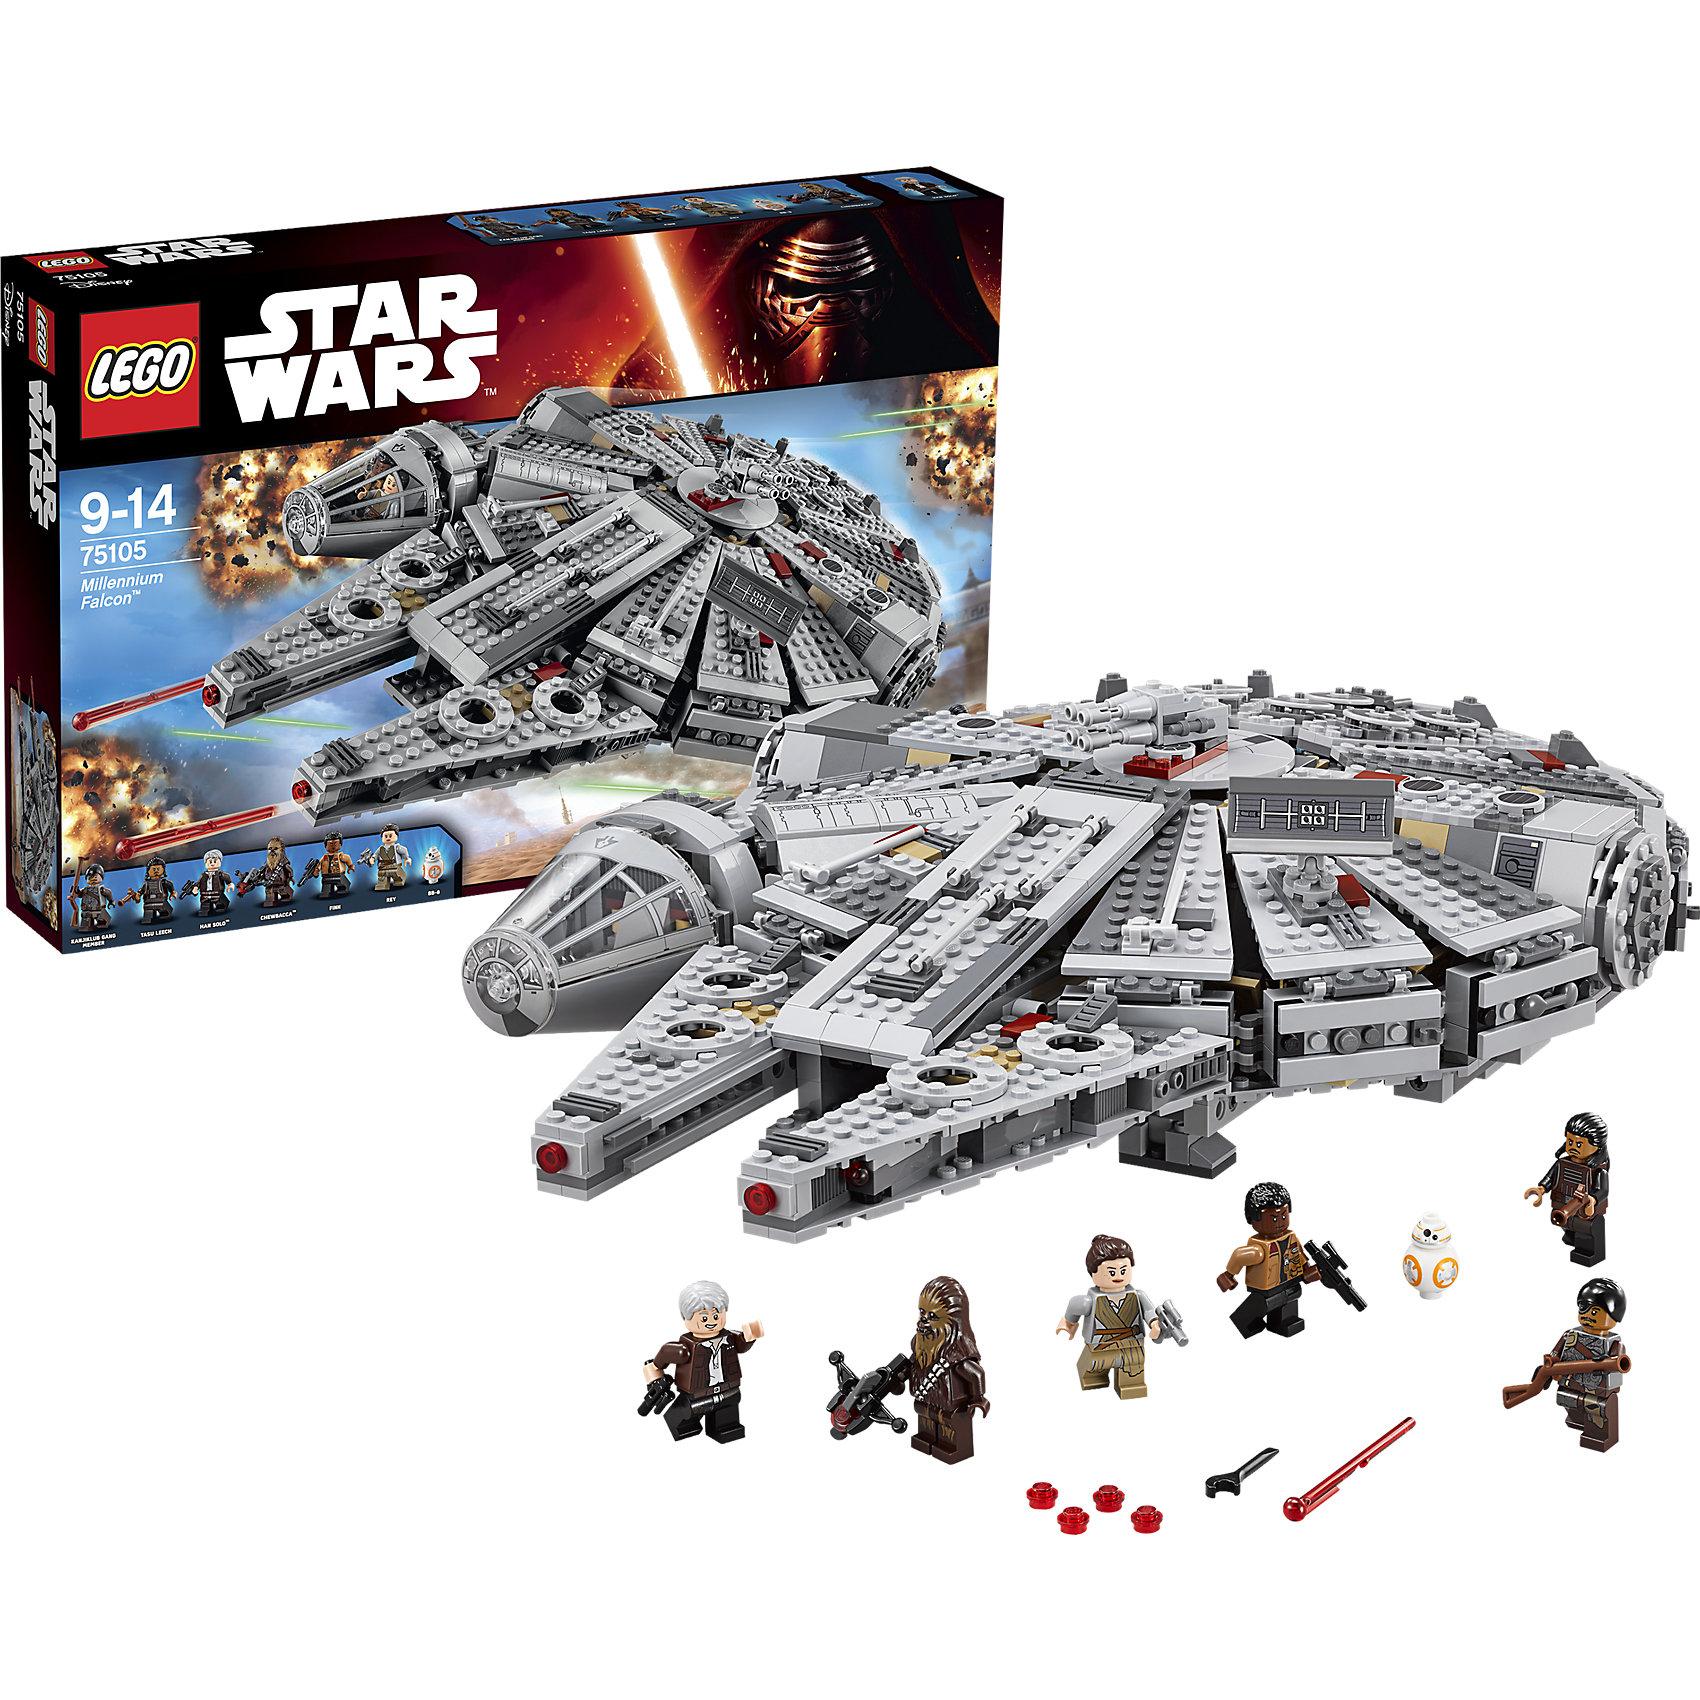 LEGO Star Wars 75105: Сокол ТысячелетияПластмассовые конструкторы<br>Один из самых известных звёздных кораблей саги Звёздные Войны возвращается, став ещё мощнее и смертоноснее! Последняя предлагаемая LEGO® версия корабля Сокол Тысячелетия, появляющегося в самых ярких сценах фильма Звёздные Войны: Пробуждение Силы, оснащена новыми и усовершенствованными внешними элементами, включающими ещё более обтекаемый дизайн с большим количеством деталей, отсоединяемую кабину, в которой можно разместить 2 минифигурки, вращающиеся верхнюю и нижнюю лазерные турели с люкам и отсеком для размещения минифигурки, сдвоенными пружинными пушками, спутниковой тарелкой, трапом и входным люком. Сними листы обшивки корпуса, чтобы увидеть ещё больше крутых новых и усовершенствованных внутренних деталей, включая кают-компанию с доской для игры в голографические шахматы, тщательно воссозданный гипердвигатель, тайный отсек, дополнительные боксы и кабели, а также хранилище боеприпасов для пружинных пушек. <br>И, конечно же, модель Сокол Тысячелетия от LEGO не будет законченной без Хана Соло и Чубакки, а также других любимых персонажей фильма Звёздные Войны: Пробуждение Силы. Запускай гипердвигатель, чтобы поучаствовать в захватывающем приключении с LEGO Star Wars! <br><br>В процессе игры с конструктором дети приобретают и постигают такие необходимые навыки как познание, творчество, воображение. Большое количество дополнительных элементов делает игровые сюжеты по-настоящему захватывающими и реалистичными. Все наборы ЛЕГО Звездные Войны соответствуют самым высоким европейским стандартам качества и абсолютно безопасны.<br><br>Дополнительная информация:<br><br>- Игра с конструктором  LEGO (ЛЕГО) развивает мелкую моторику ребенка, фантазию и воображение, учит его усидчивости и внимательности;<br>- Размер: 14 x 47 x 32 см<br>- Количество деталей: 1329 шт;<br>- В набор входят 6 минифигурок с различным оружием: Рей, Финн, Хан Соло, Чубакка, Тасу Лич, головорез из шайки Канджиклаб, дроид-астромеханик BB-8